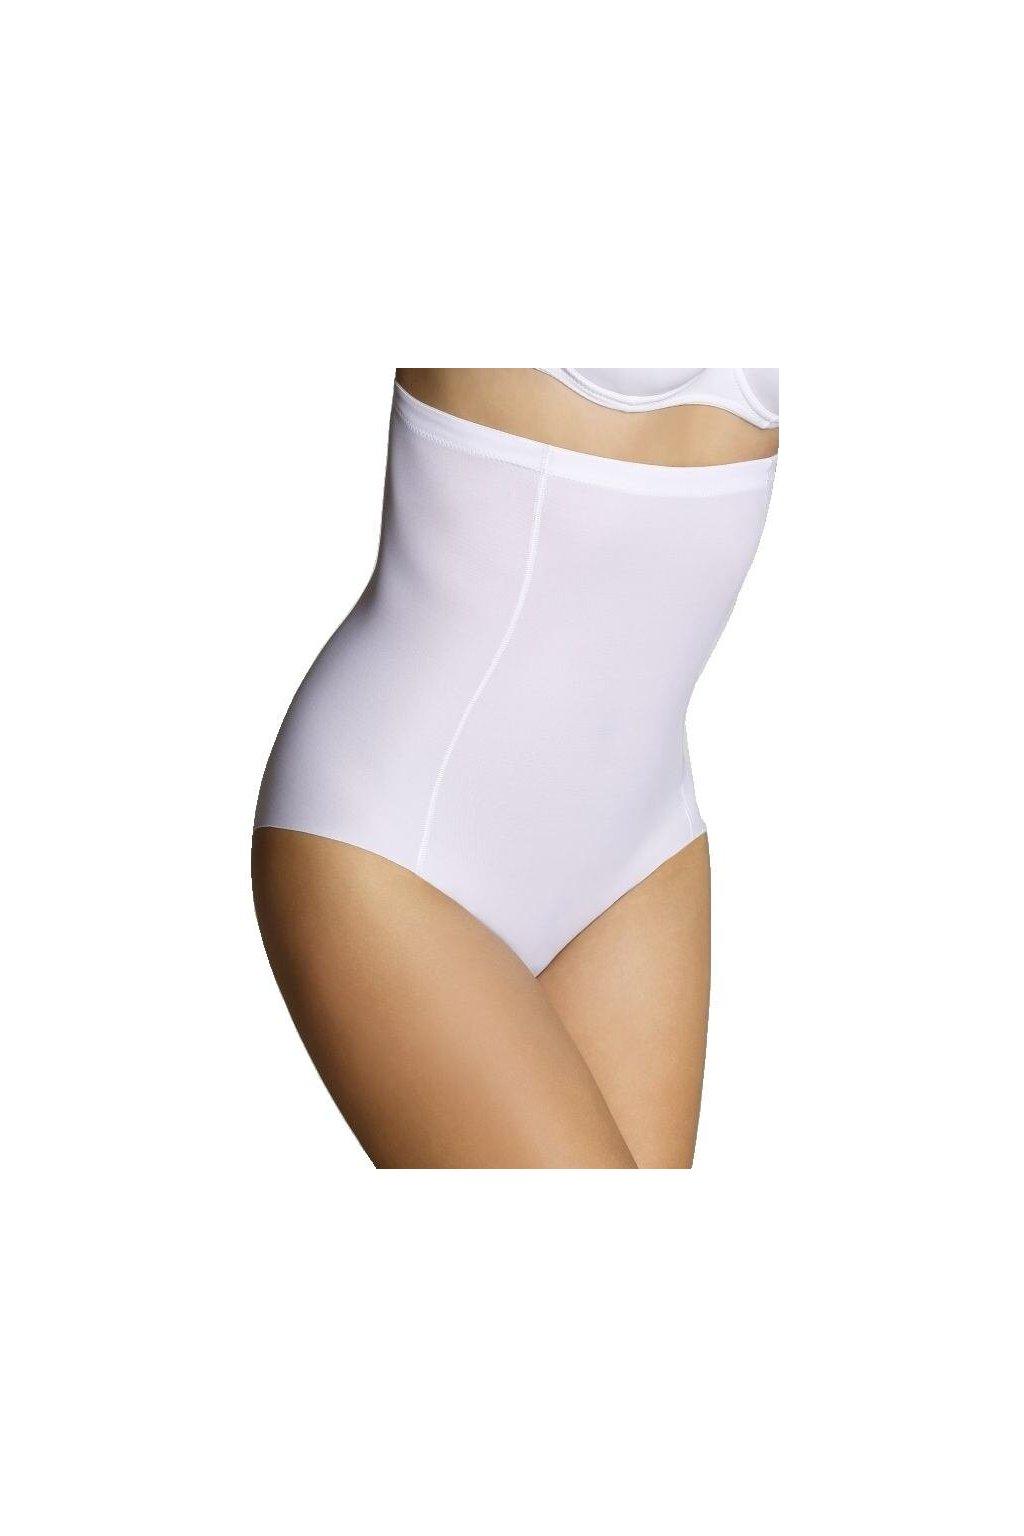 Stahovací kalhotky Vala bílé